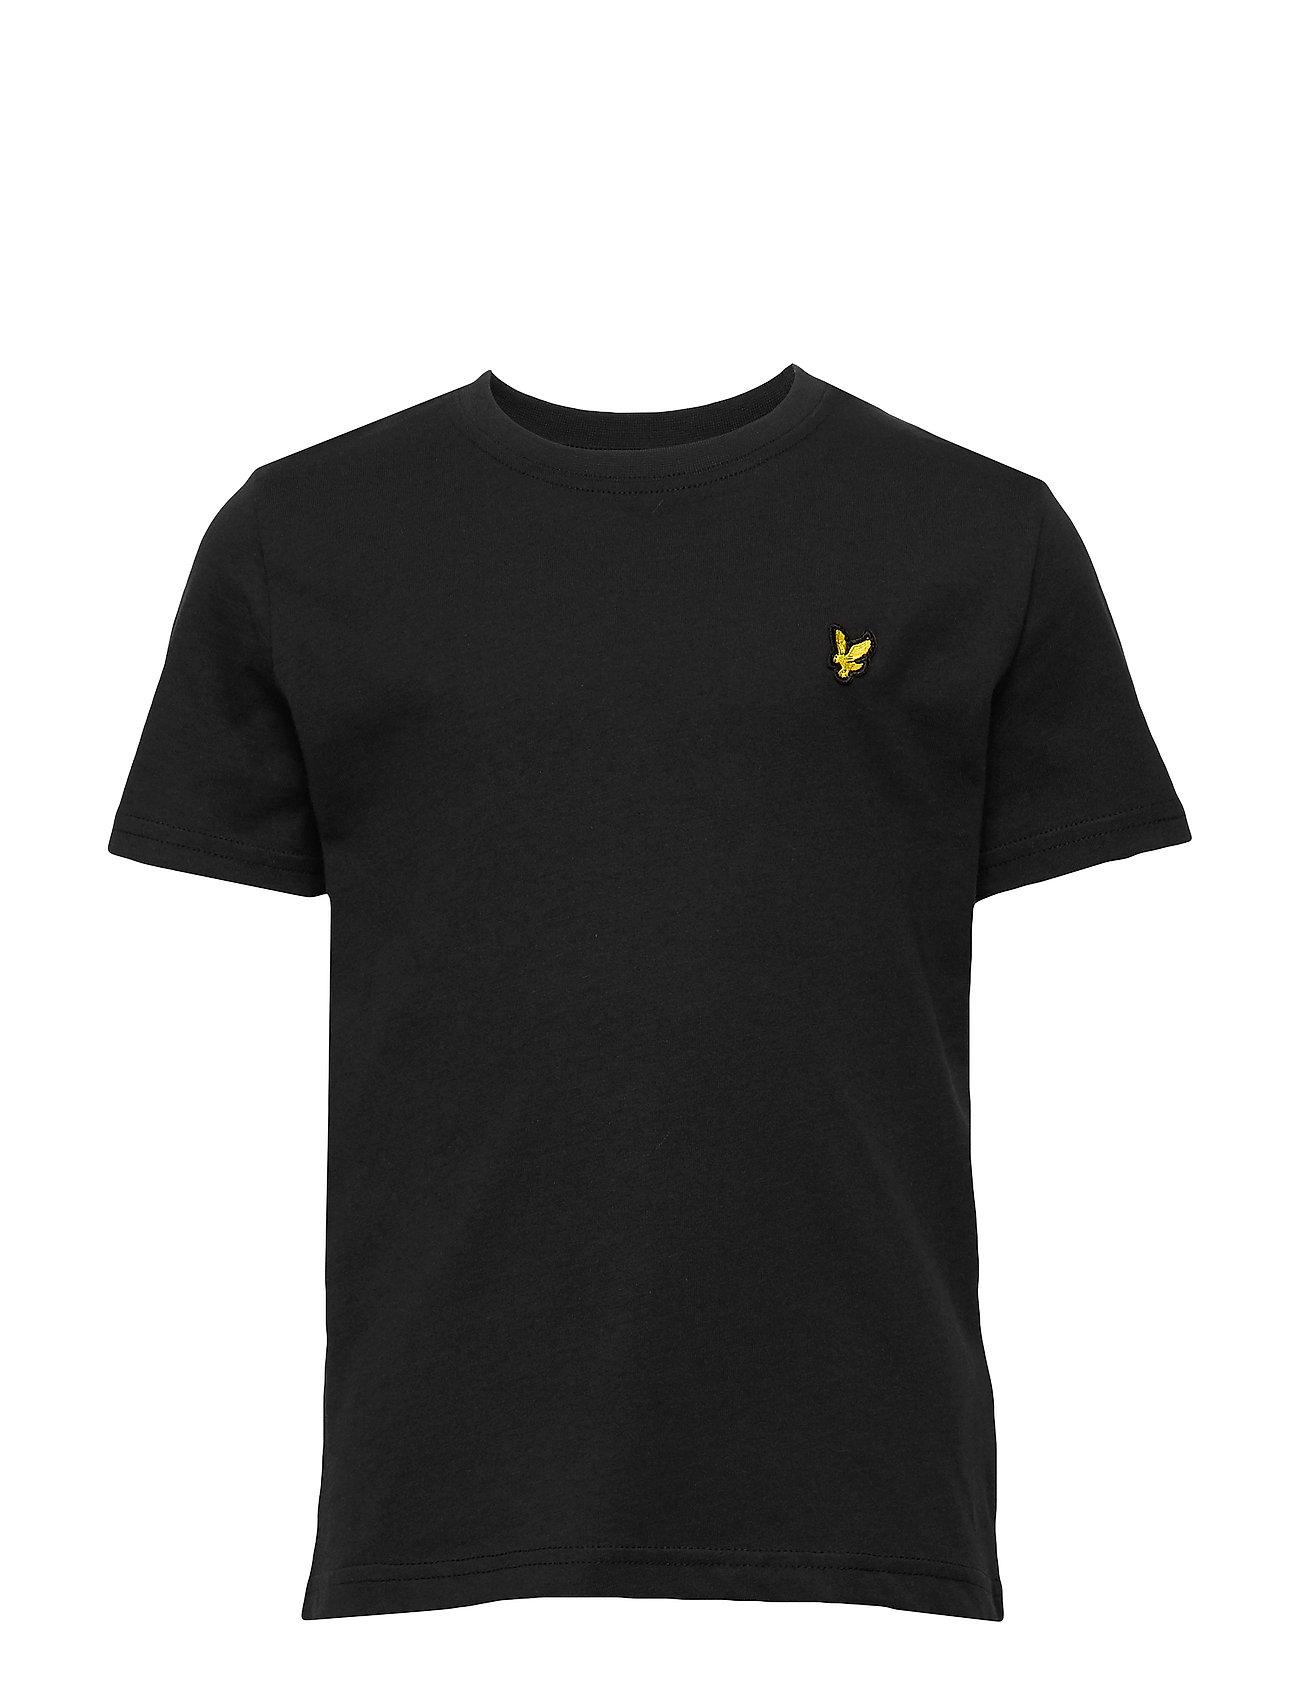 Lyle & Scott Junior Classic T-Shirt - TRUE BLACK